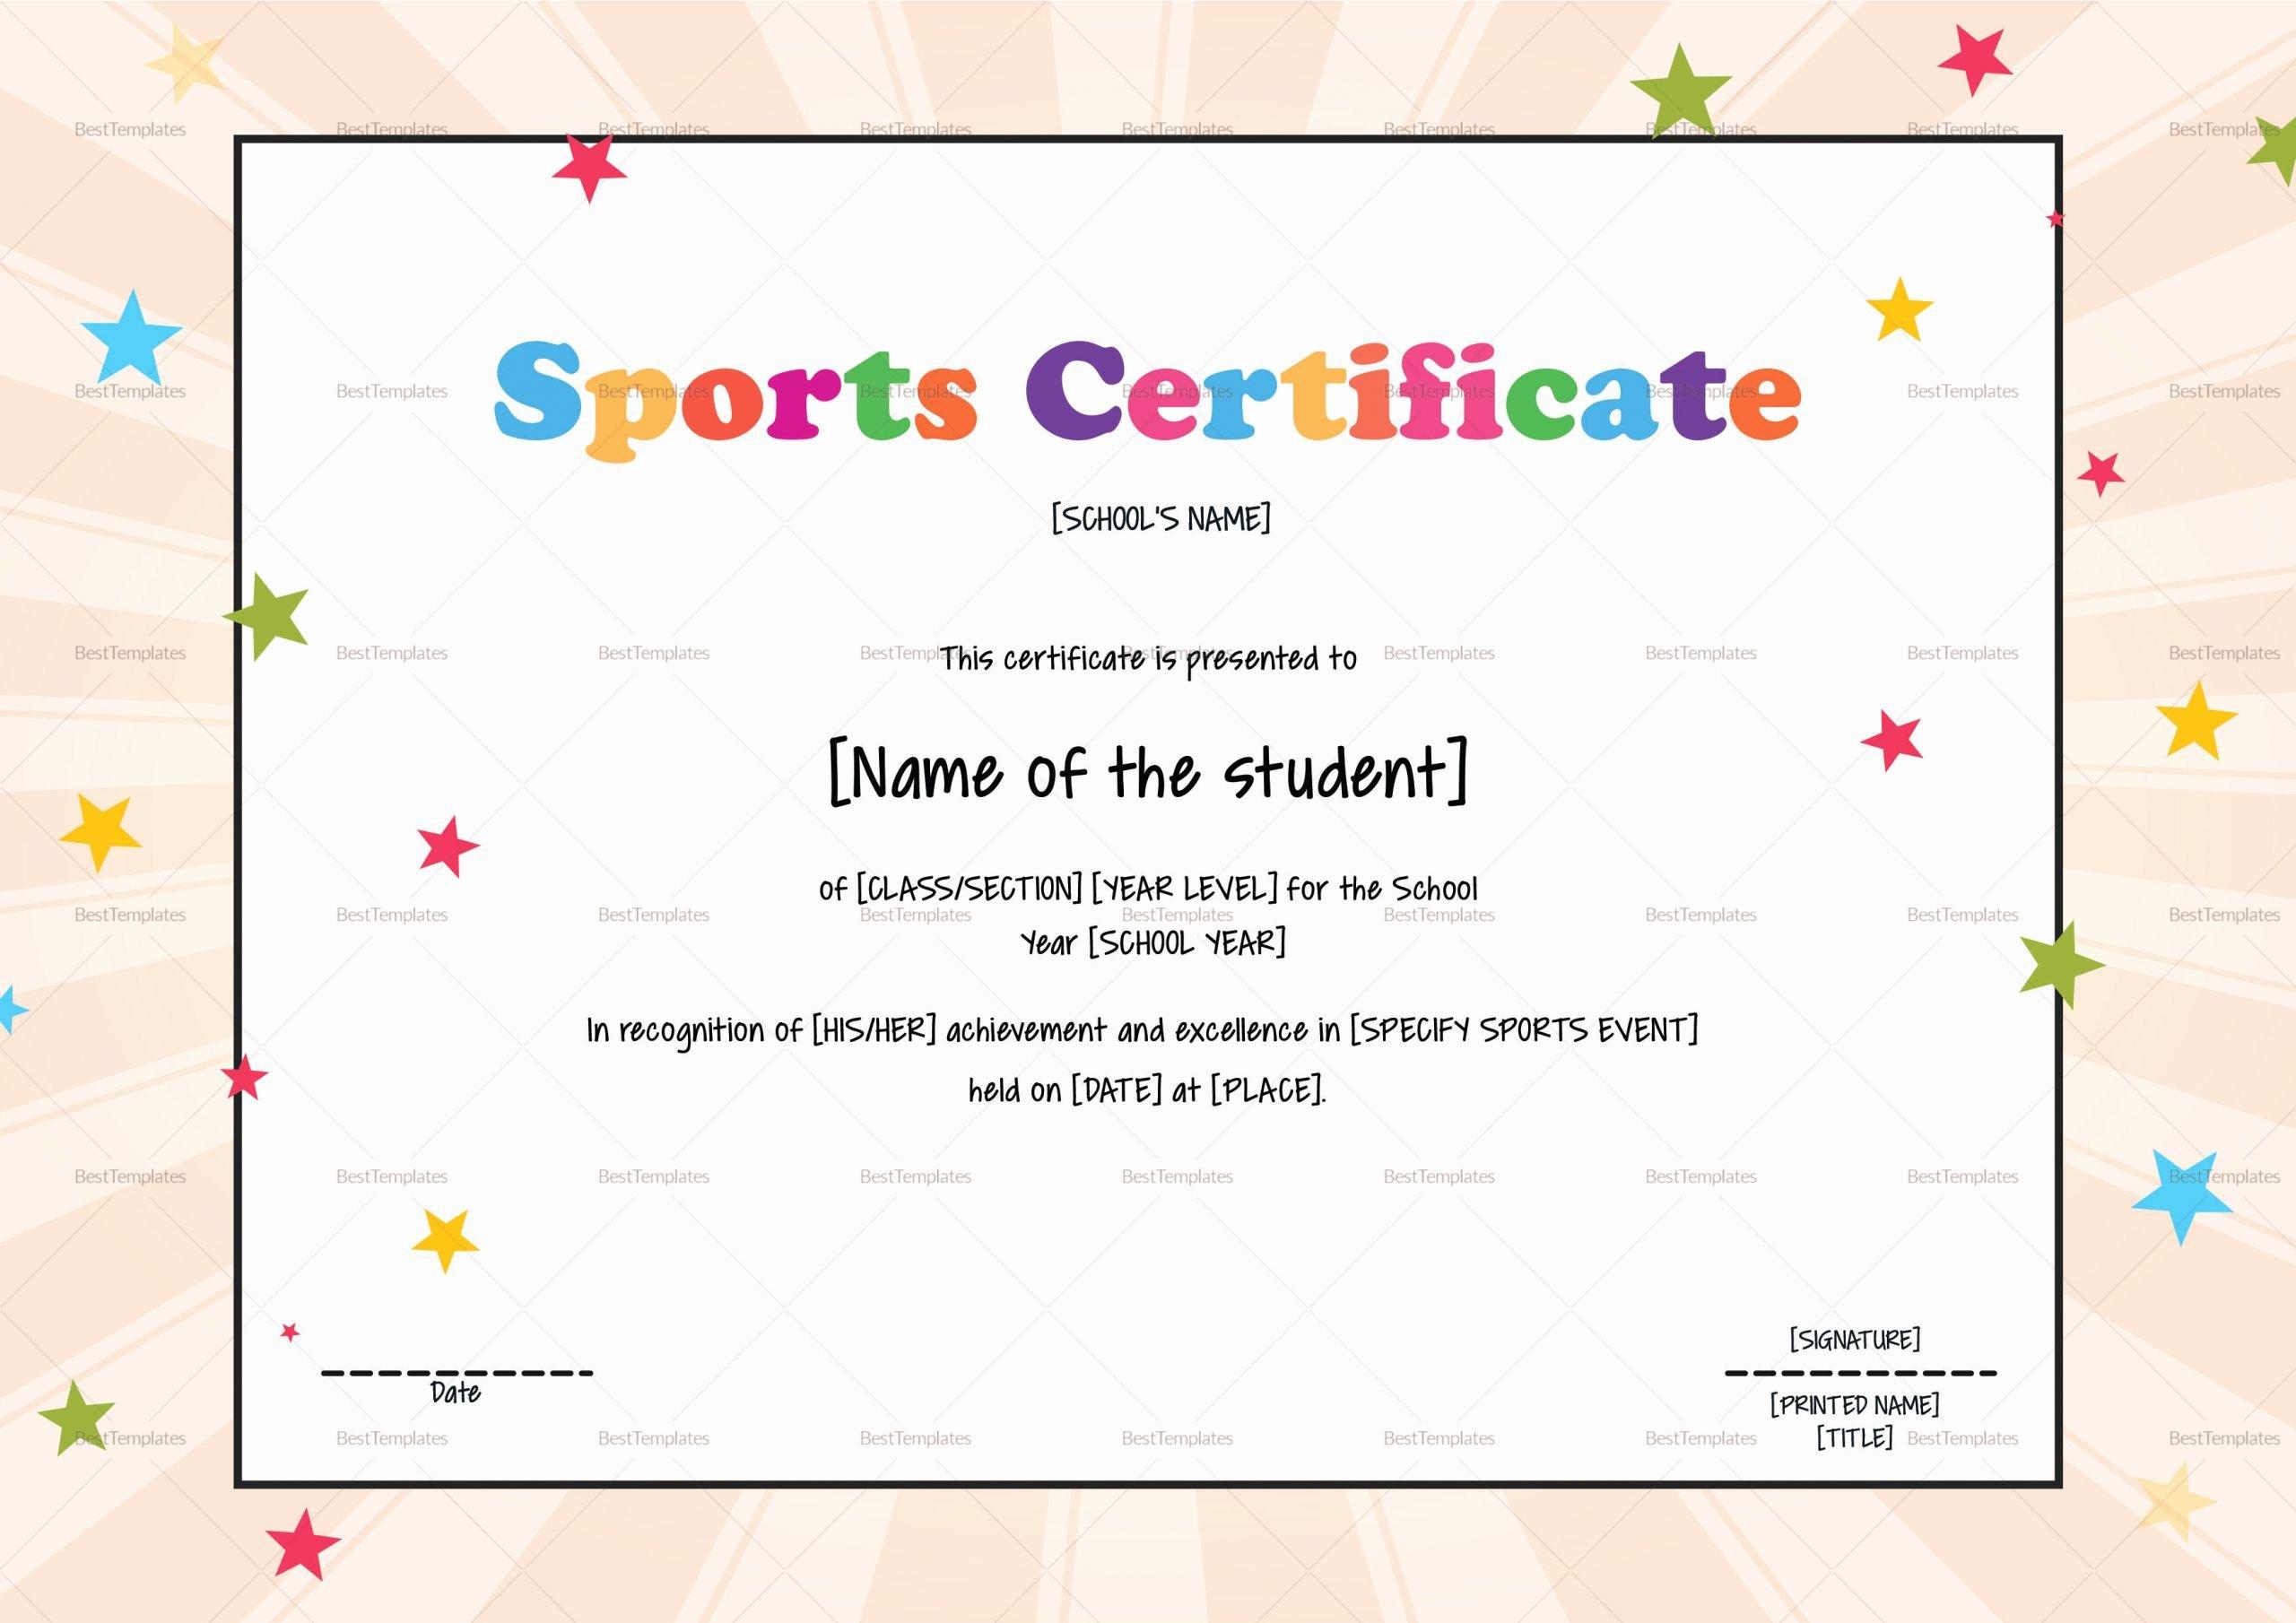 Sports Certificate format In Word Fresh Kids Sports Certificate Design Template In Psd Word